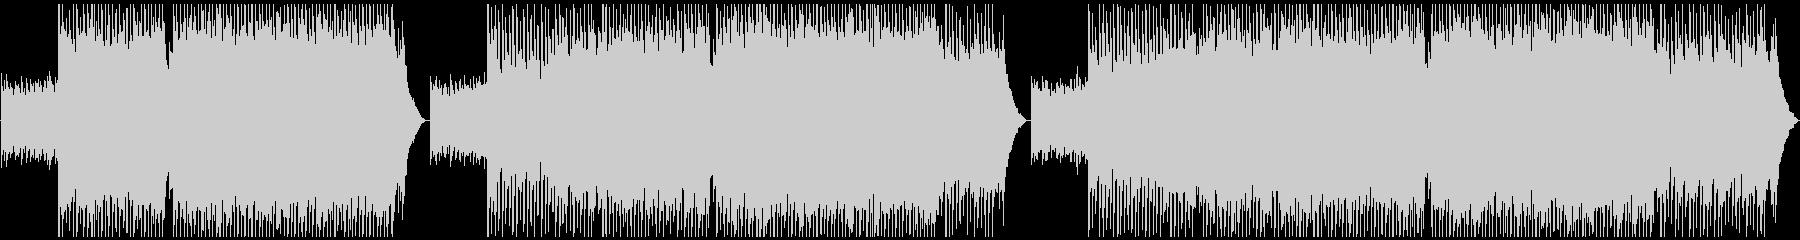 爽やかポップなコーポレート系BGMの未再生の波形